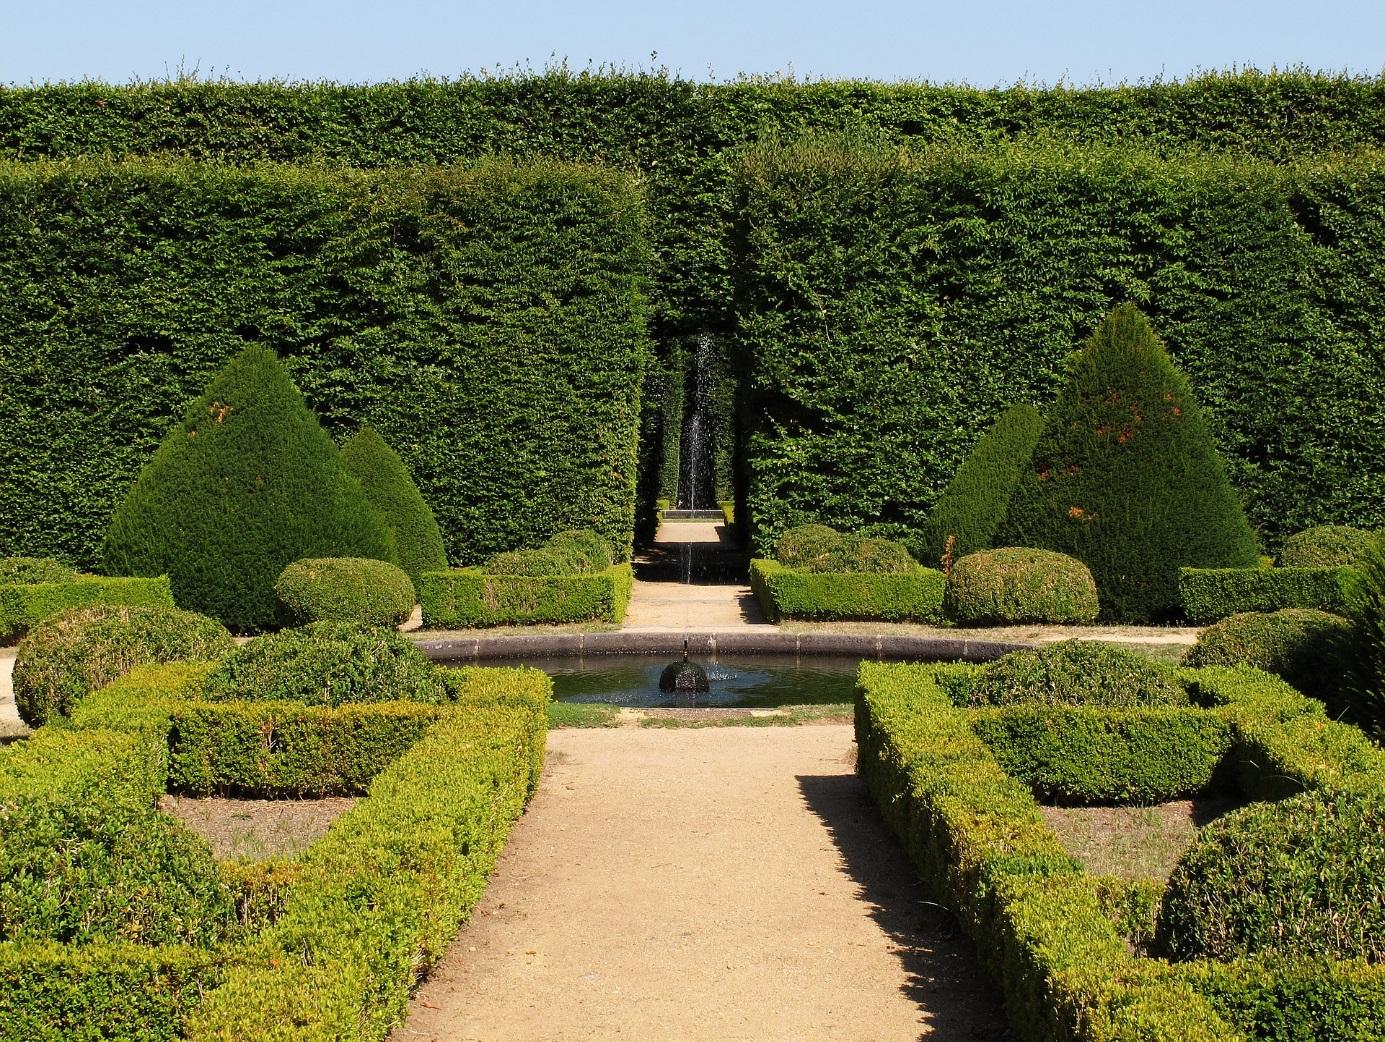 44 Façons De Se Cacher De Vos Voisins Au Jardin (Photos Et ... destiné Cacher Vis A Vis Jardin